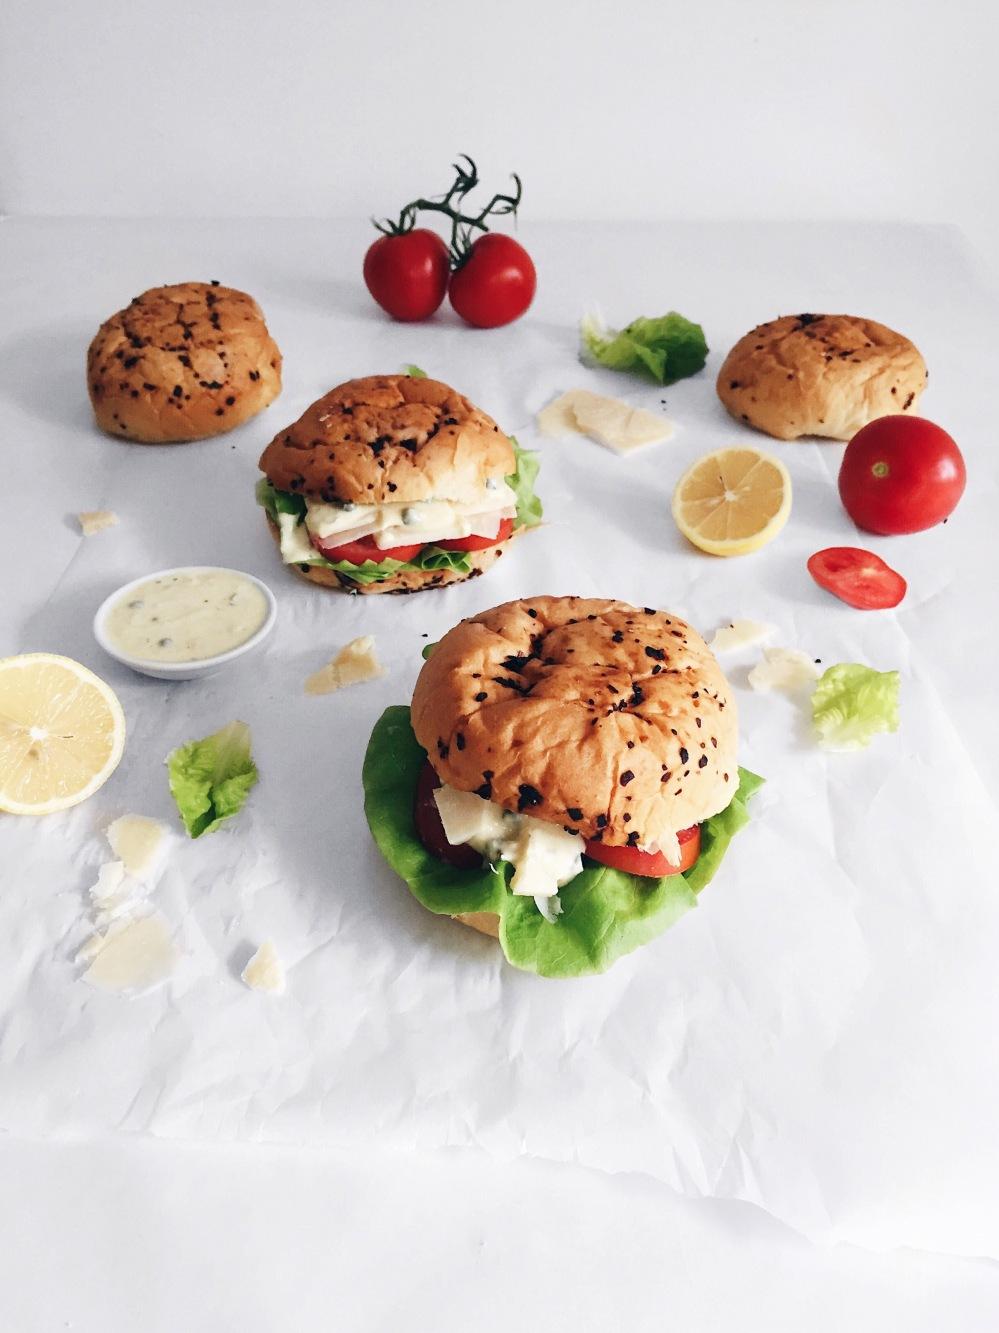 Hamburger végé à la salade césar tout-en-un avec parmesan et laitue